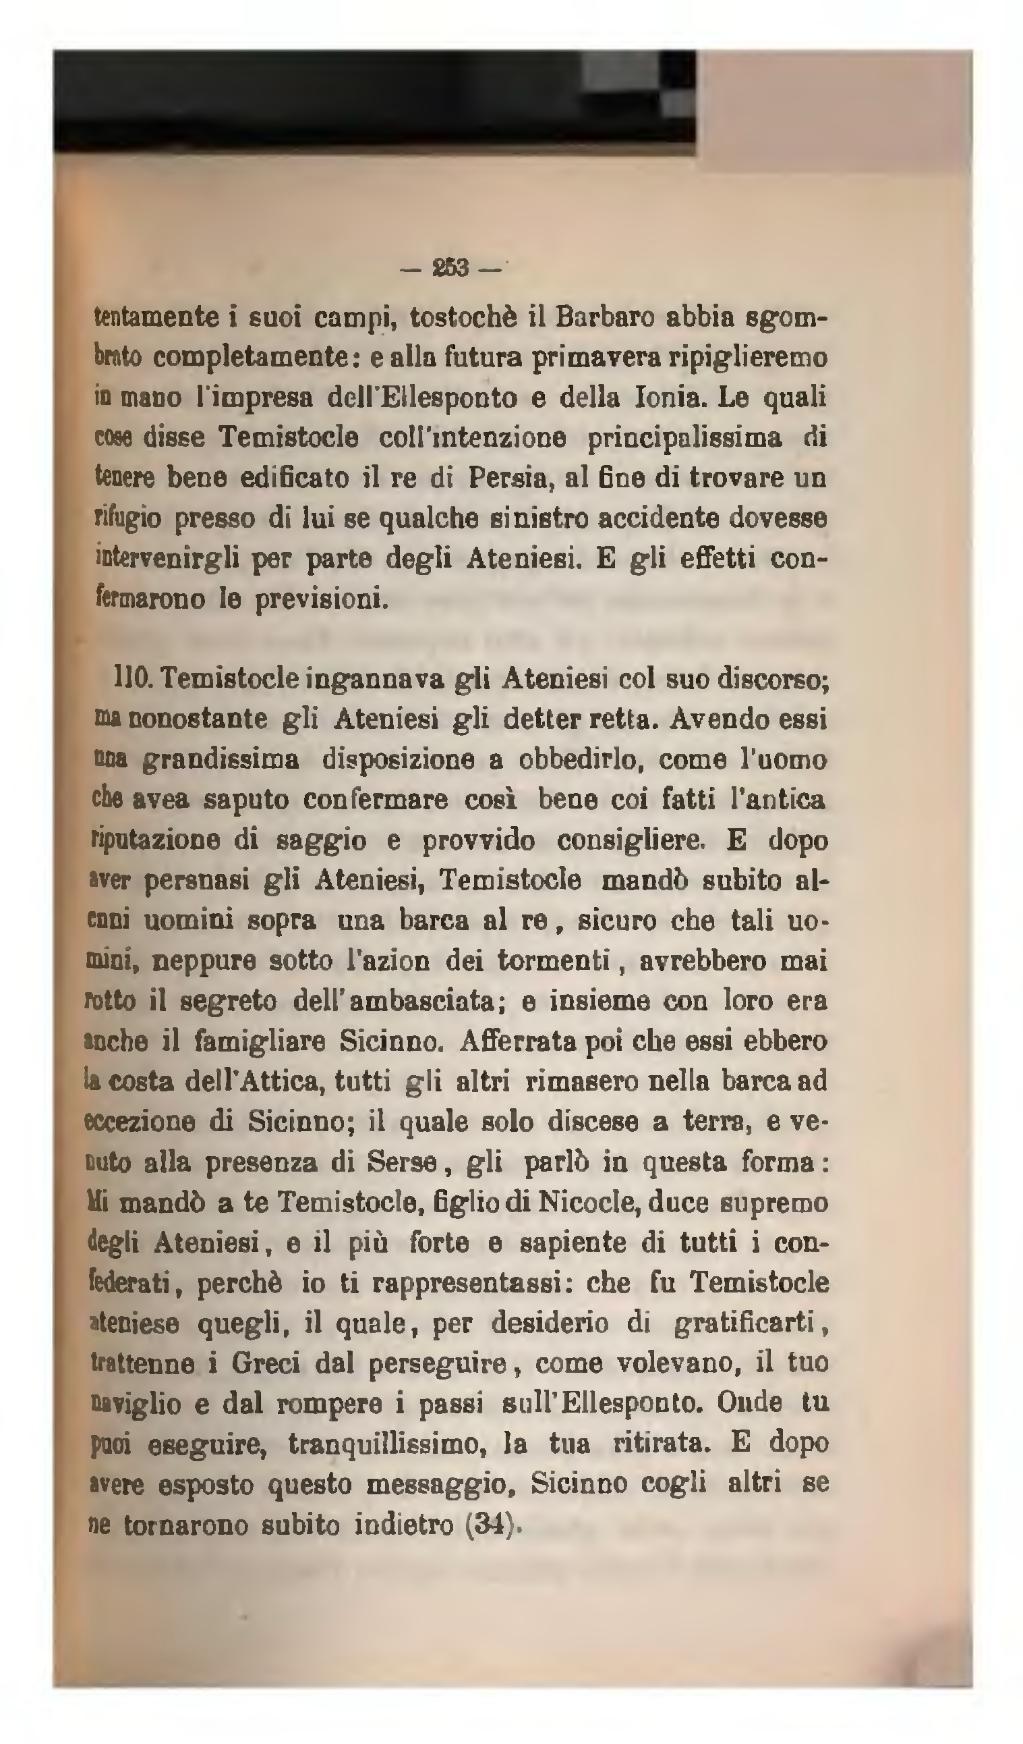 Pagina:Delle istorie di Erodoto (Tomo III) djvu/265 - Wikisource